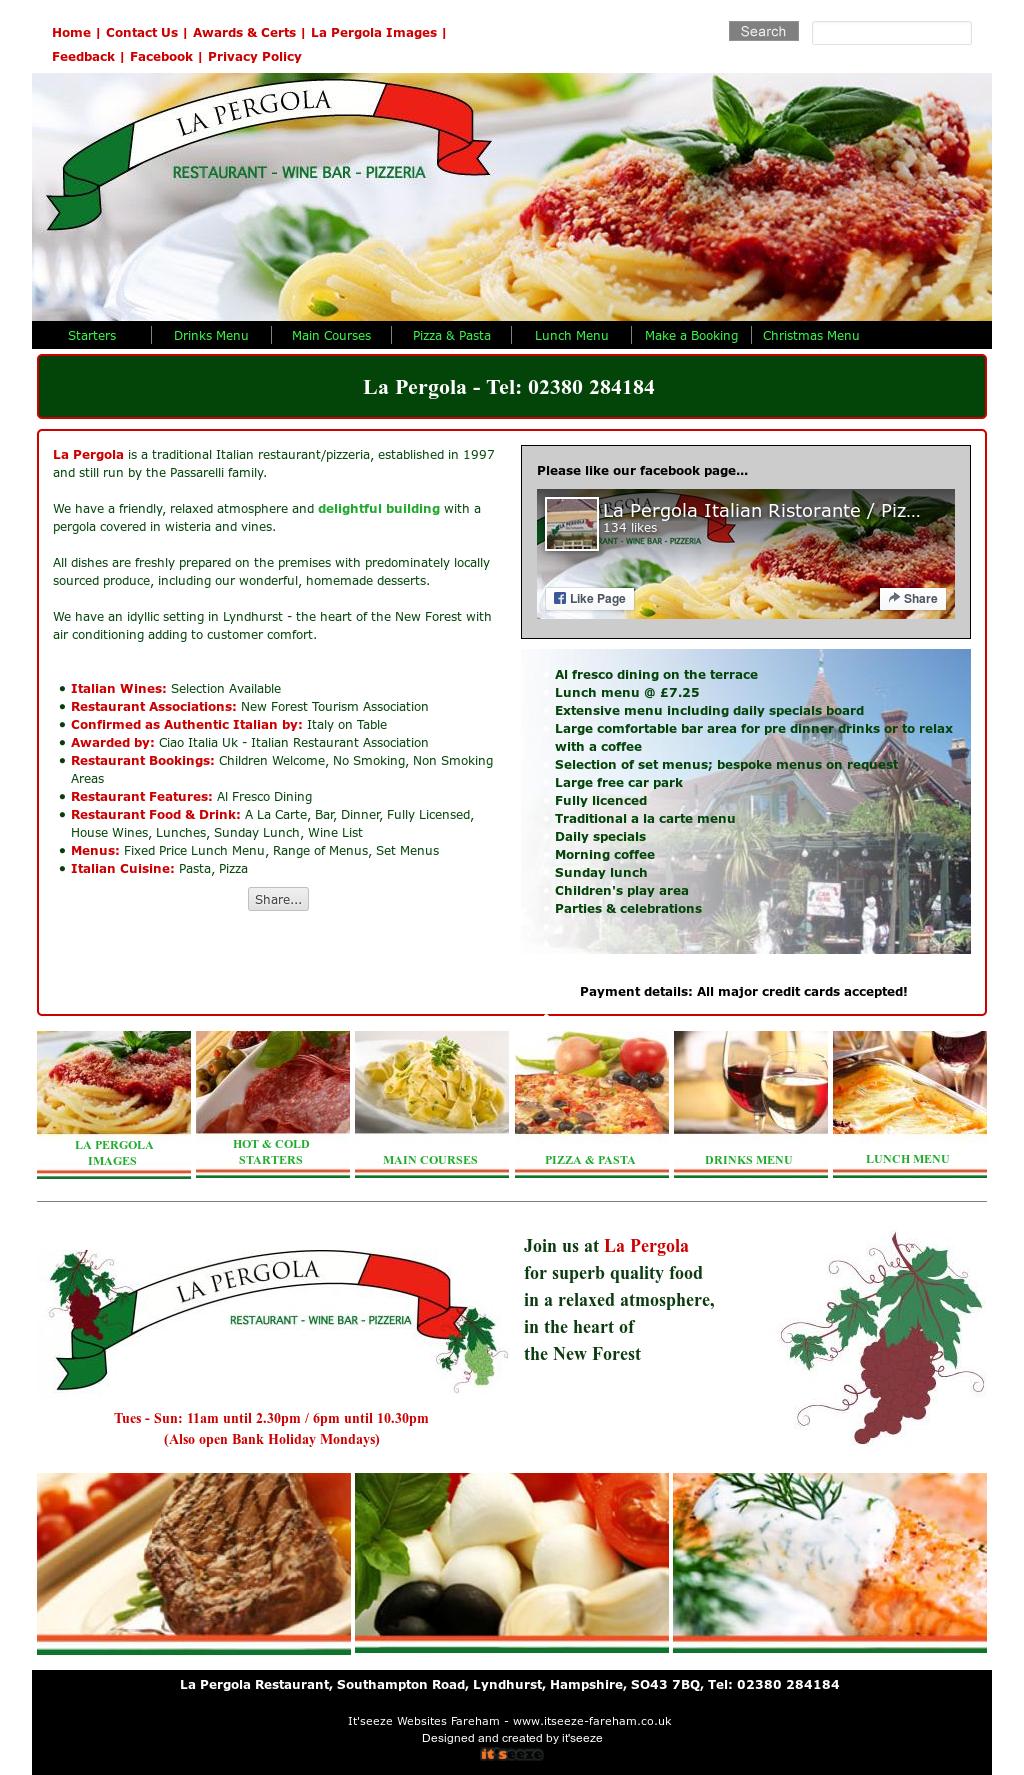 La Pergola Italian Ristorante / Pizzeria Competitors, Revenue and ...